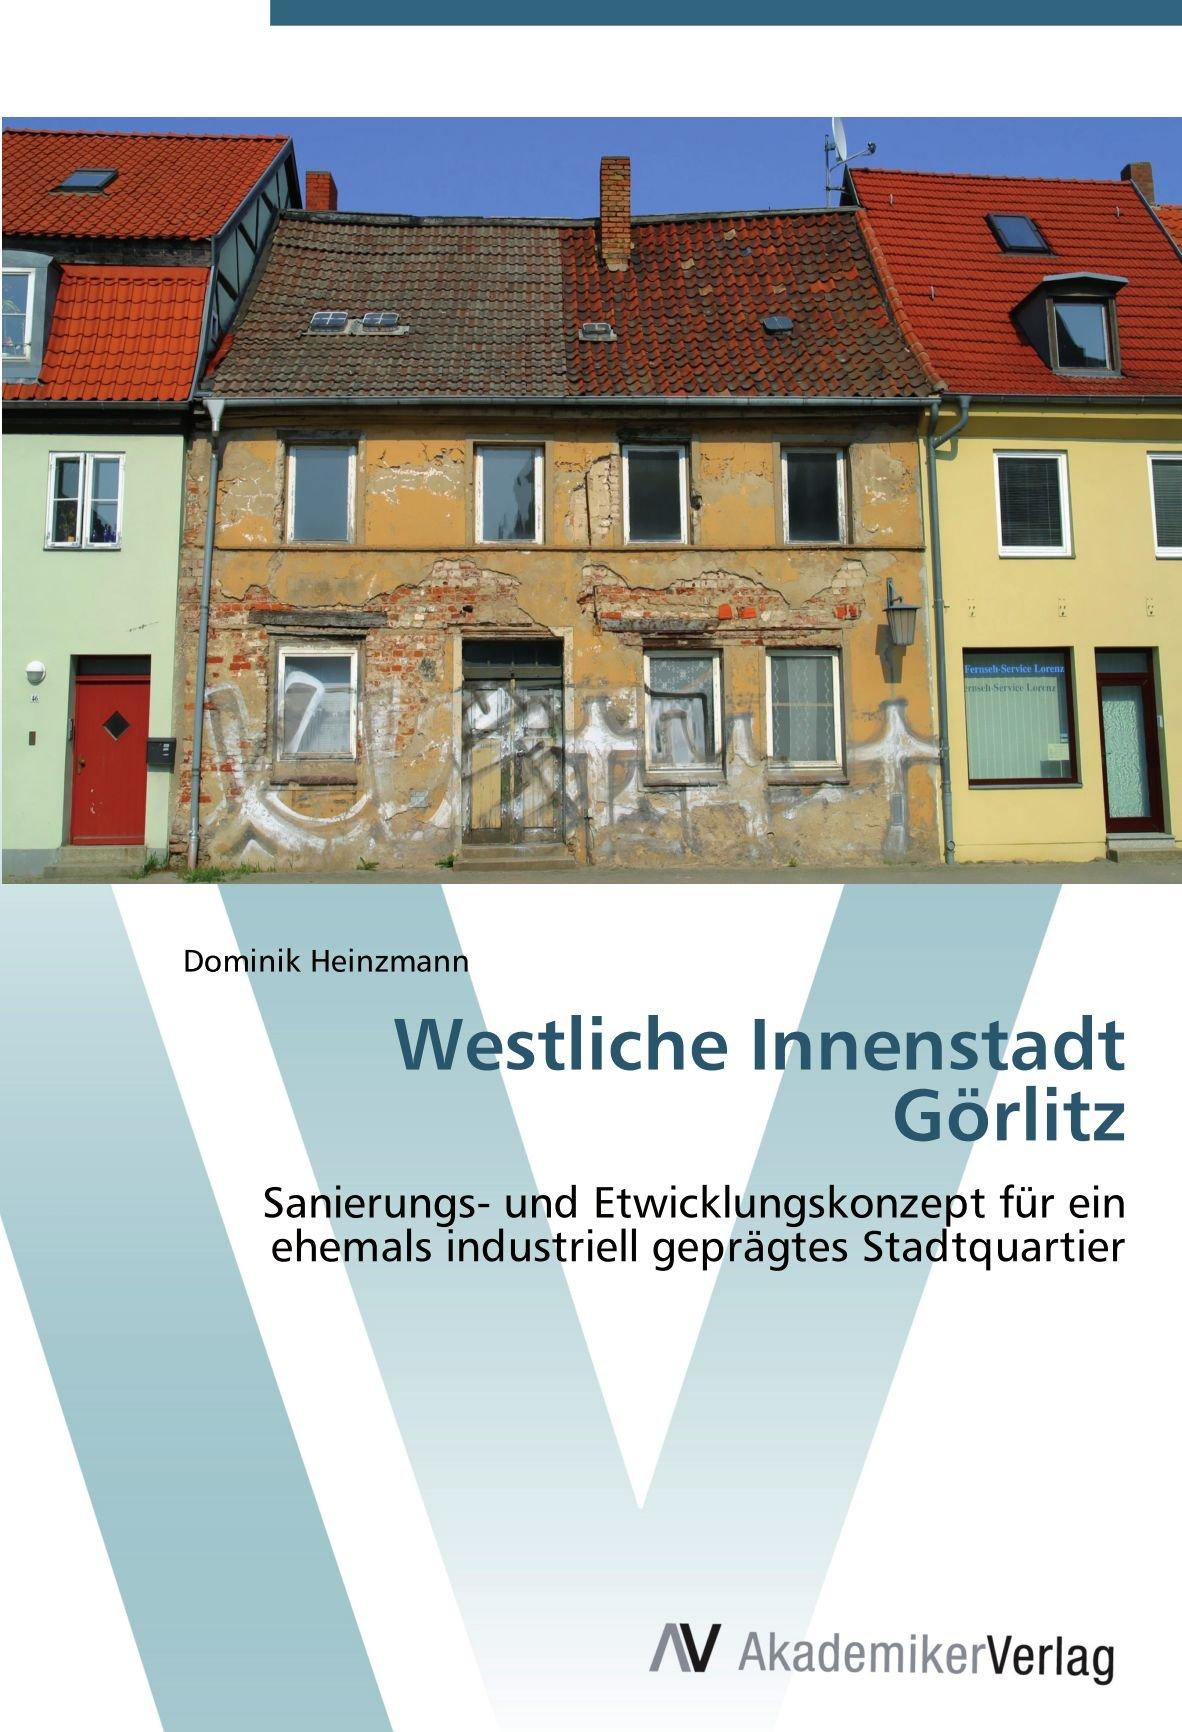 Westliche Innenstadt Görlitz: Sanierungs- und Etwicklungskonzept für ein ehemals industriell geprägtes Stadtquartier (German Edition) PDF